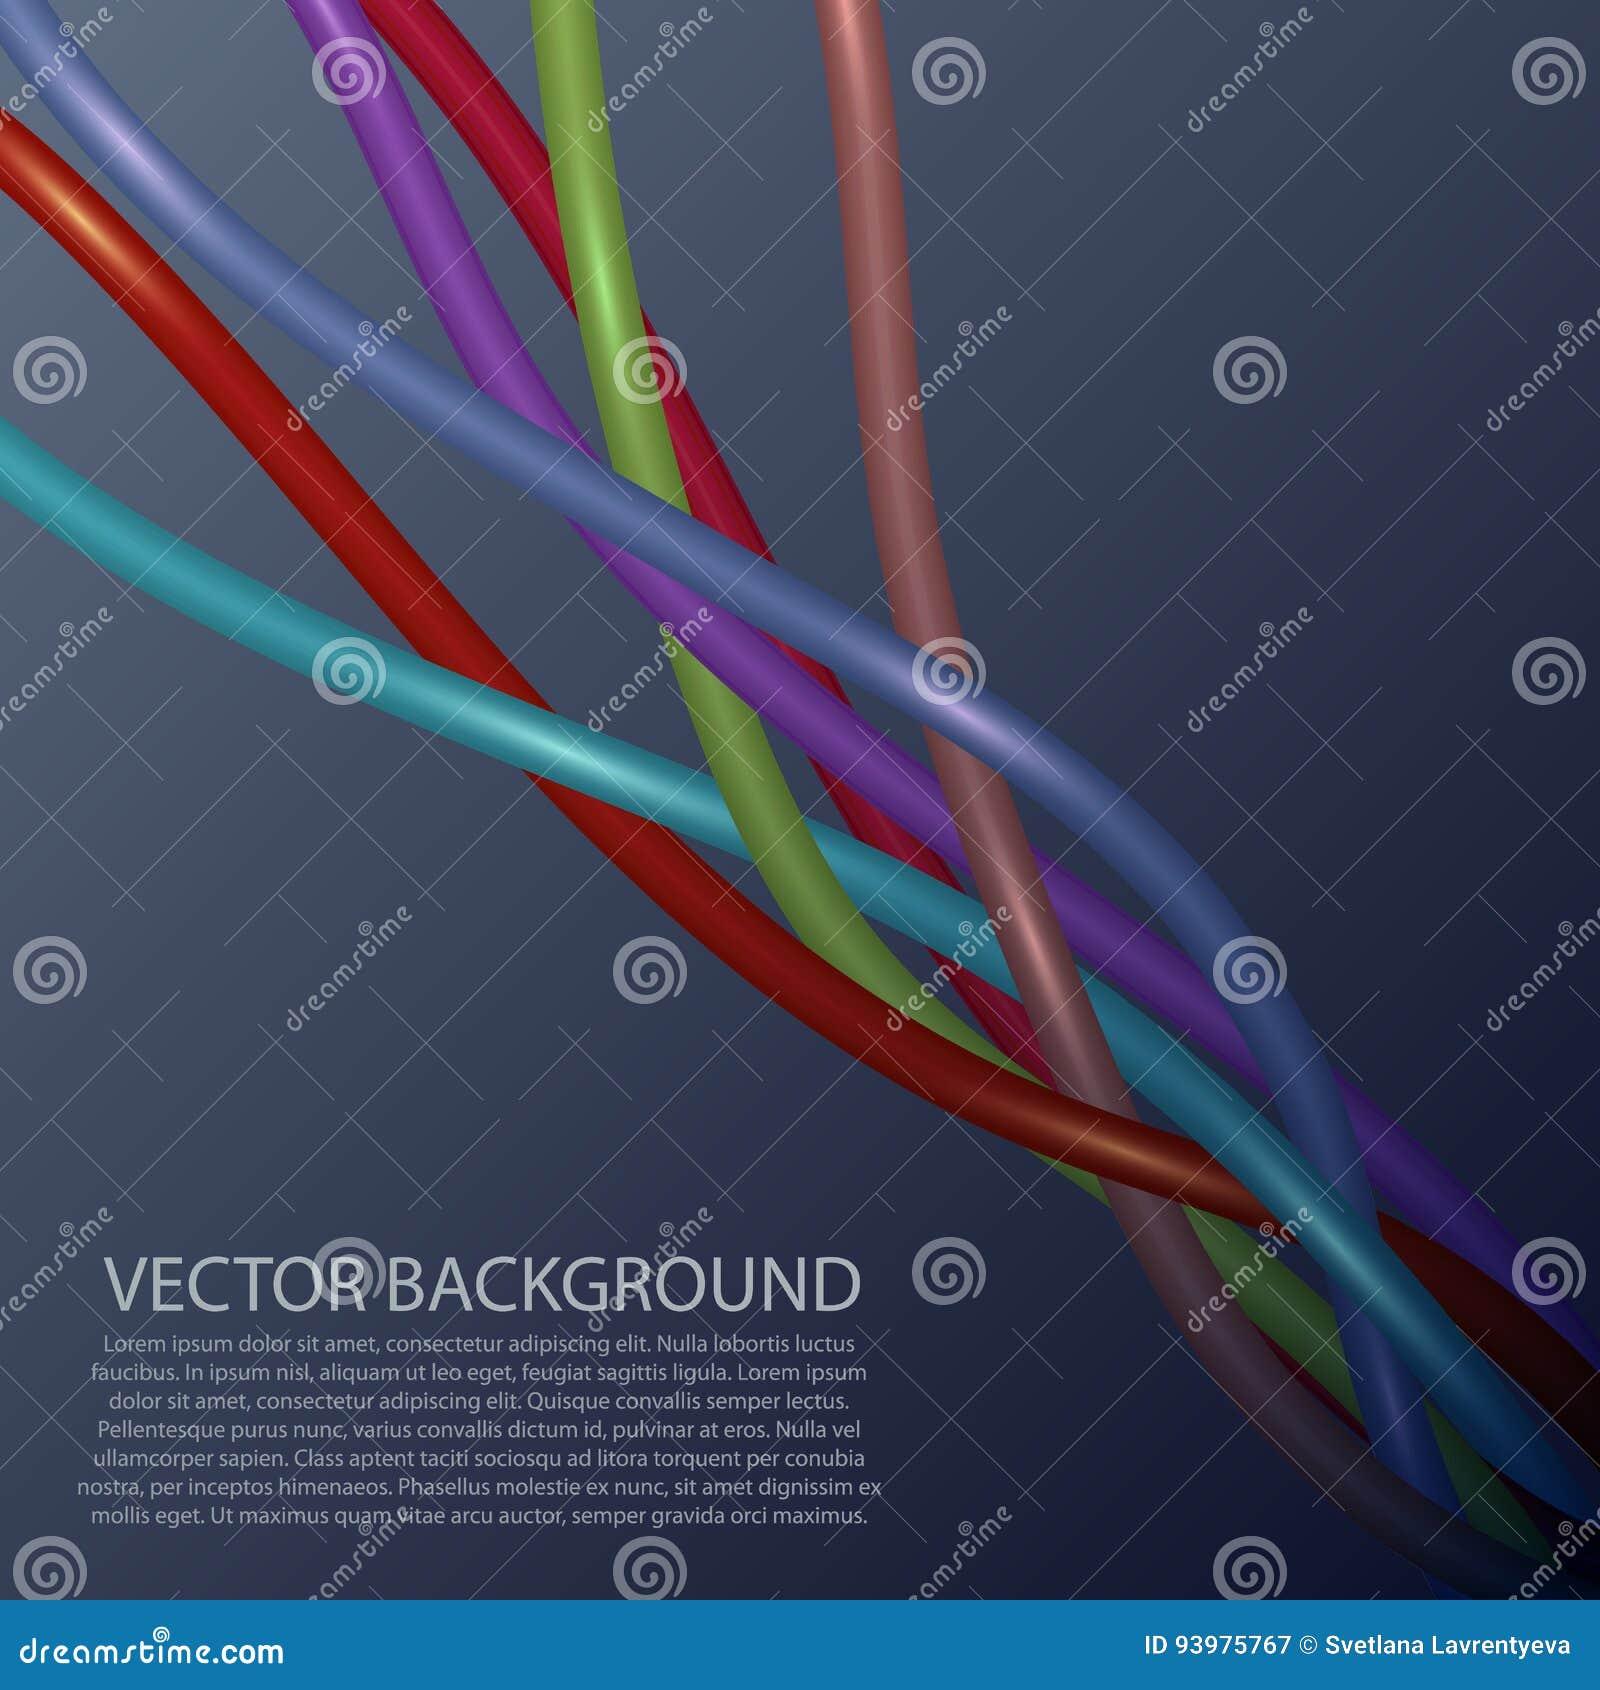 Erfreut Vektor Elektrische Kabel Drähte Fotos - Elektrische ...